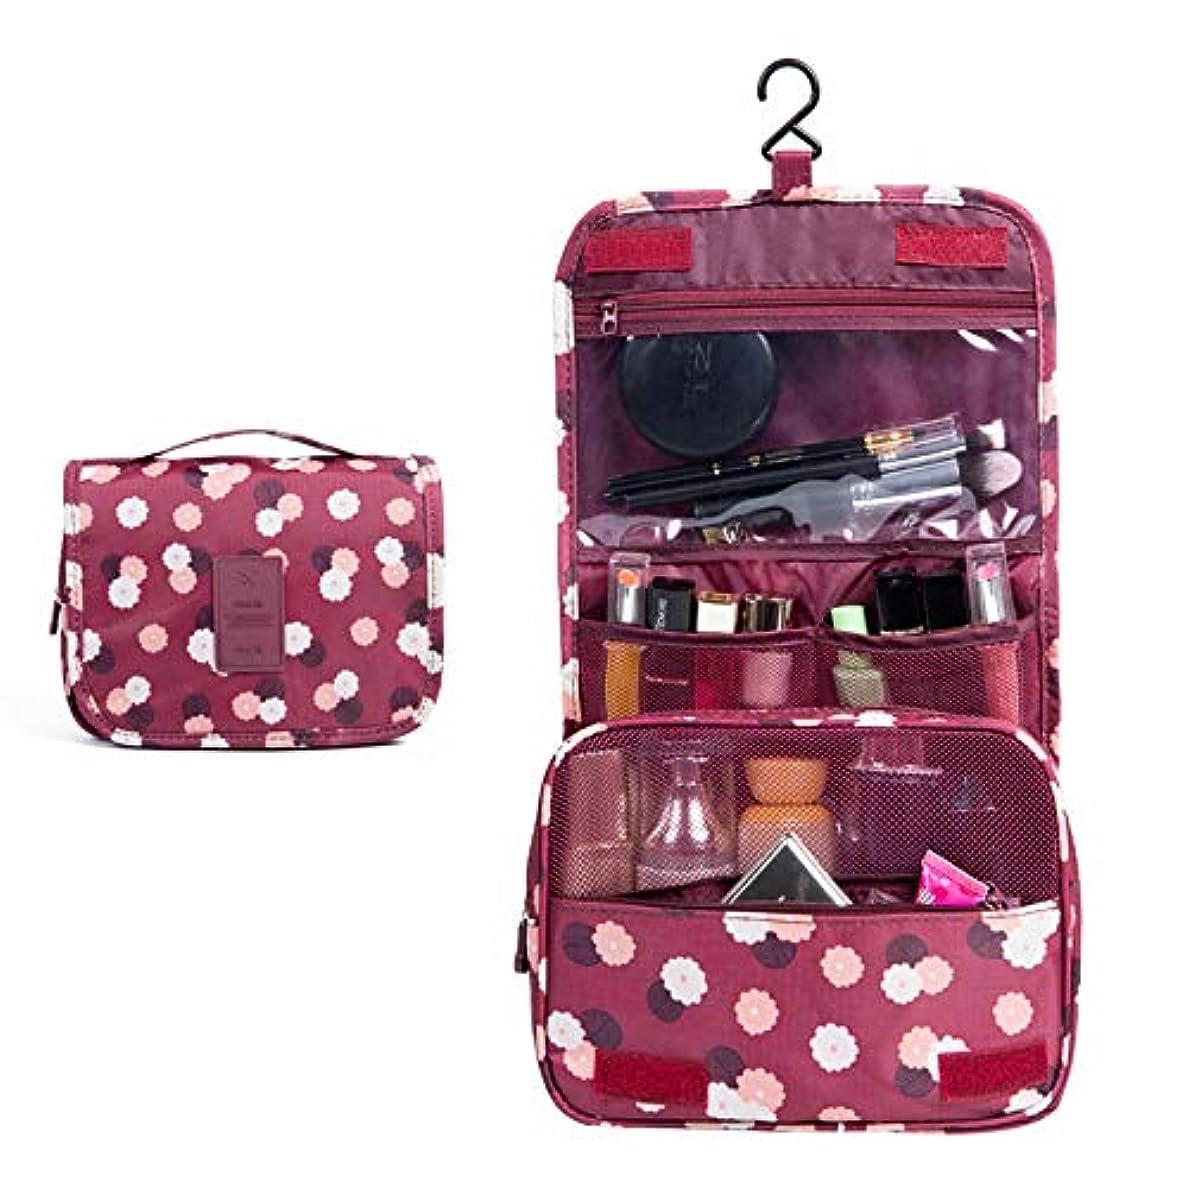 移行するどこ軸化粧オーガナイザーバッグ ポータブル旅行折りたたみフックオーガナイザーバッグトイレタリーバッグを作る化粧品バッグブルーフラワー 化粧品ケース (色 : 赤)